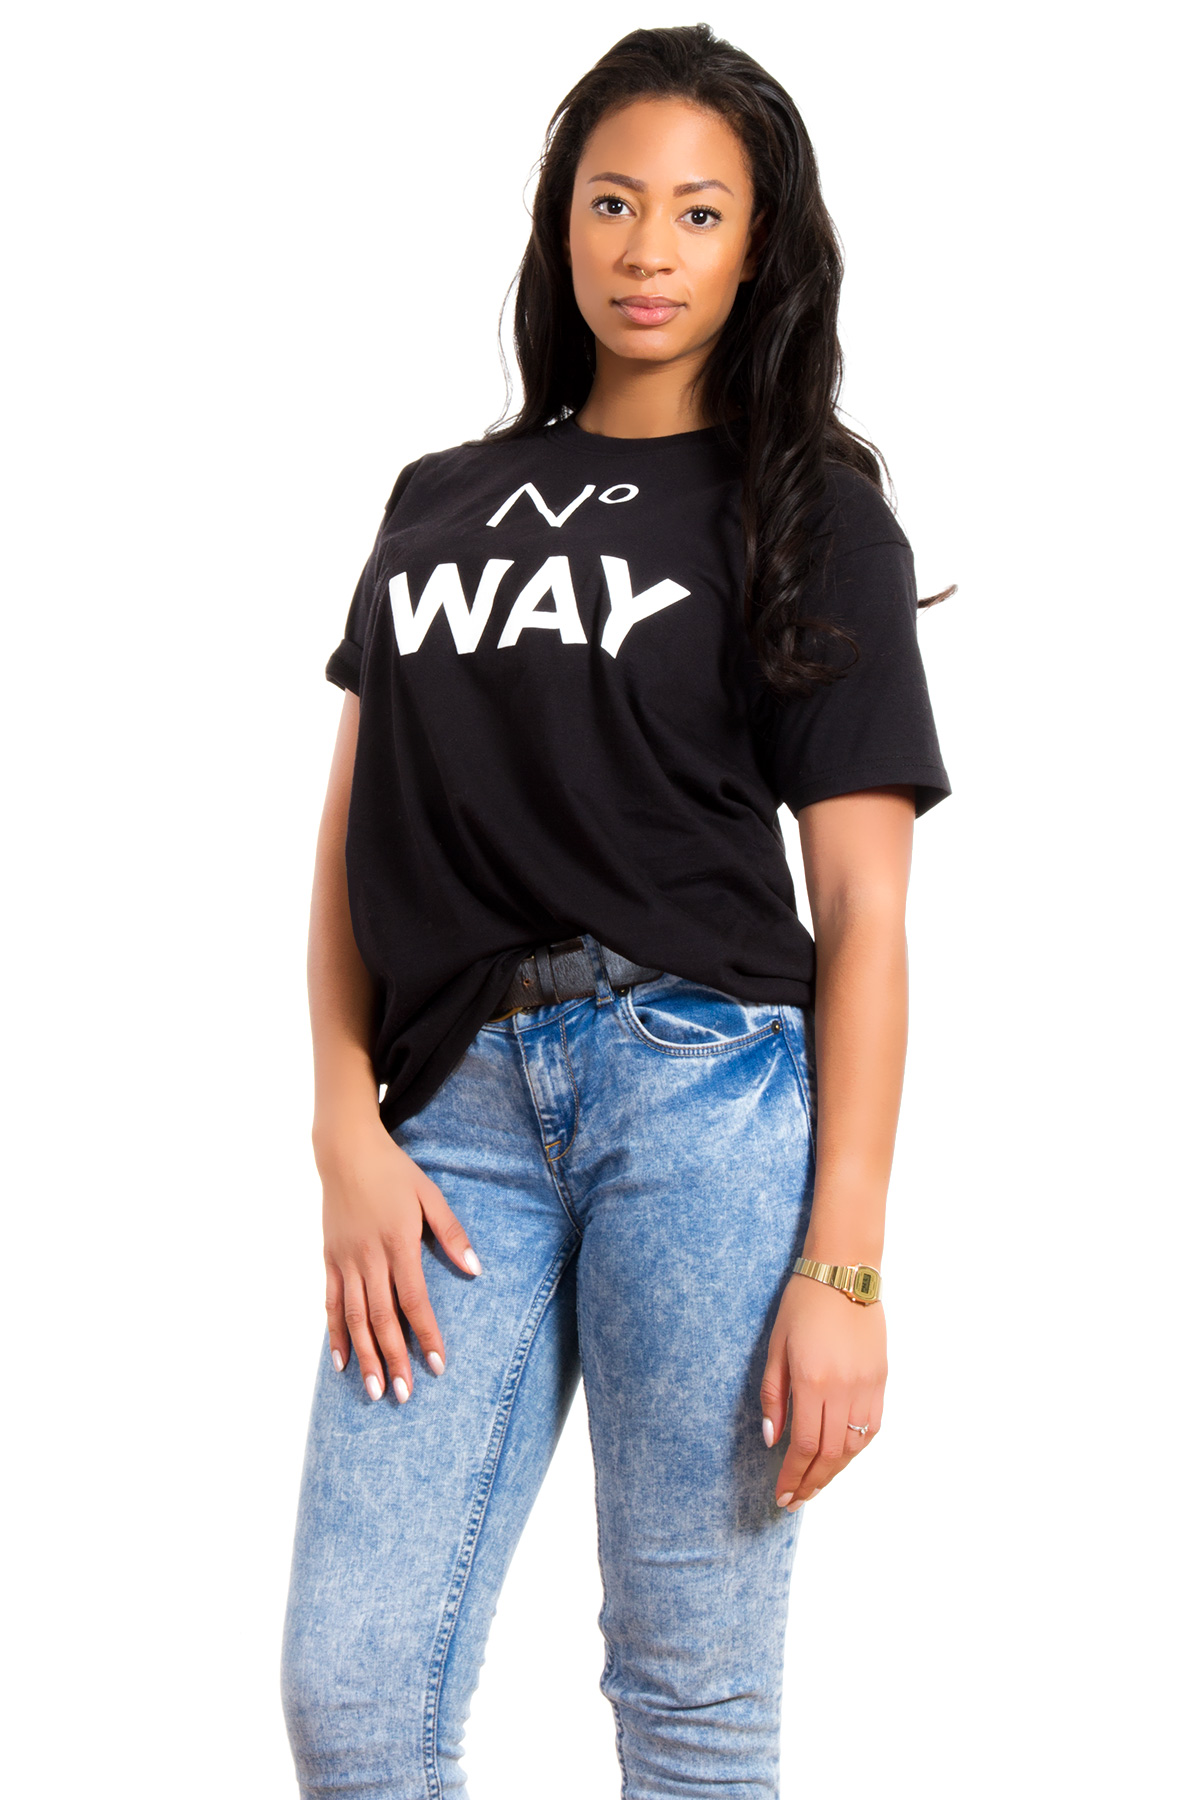 Hyori No Way T-Shirt in Black for Women